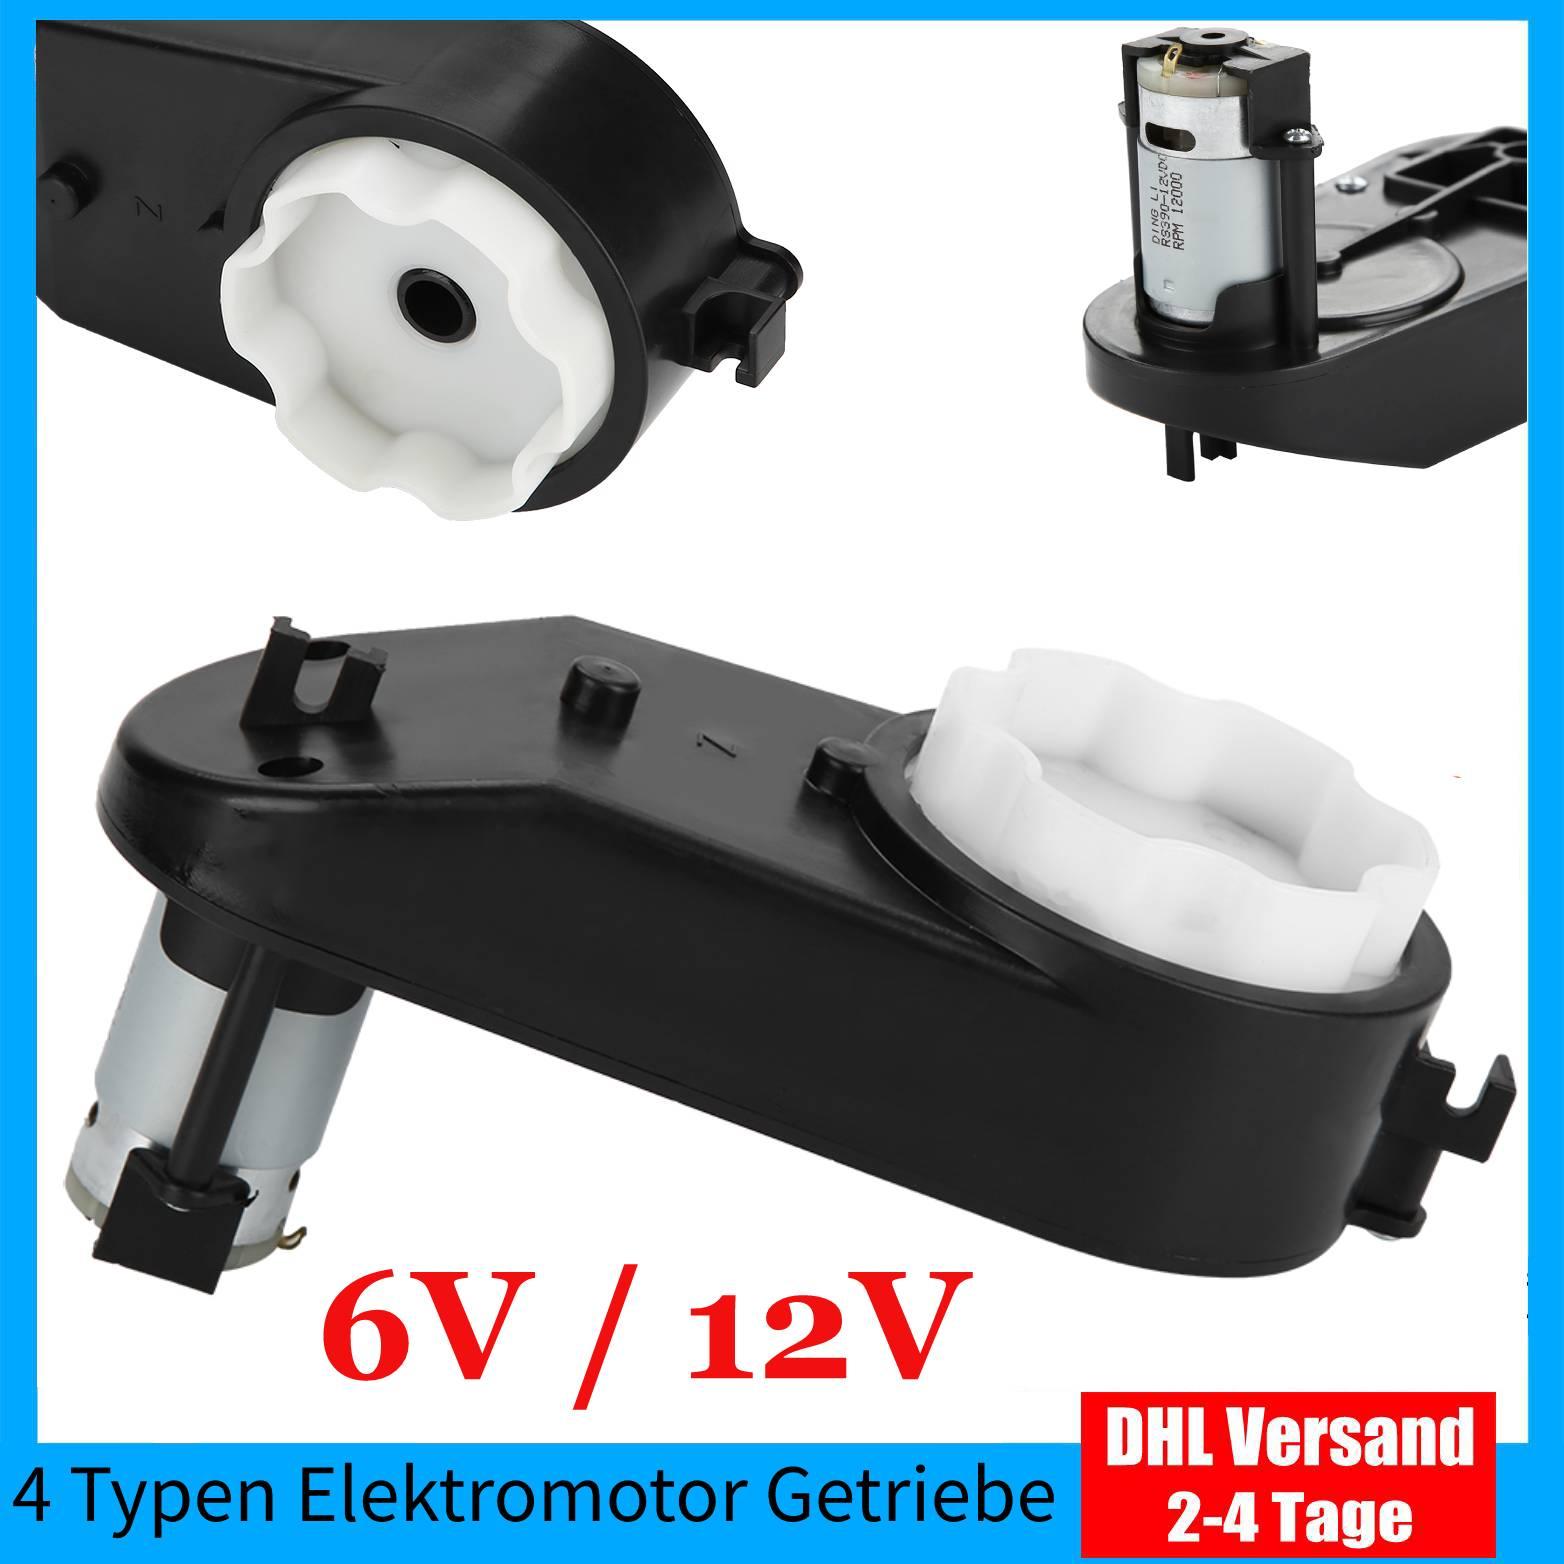 6V//12V Getriebe für Kinderwagen Antriebsmotor Fahrzeug Elektroauto Spielzeug $